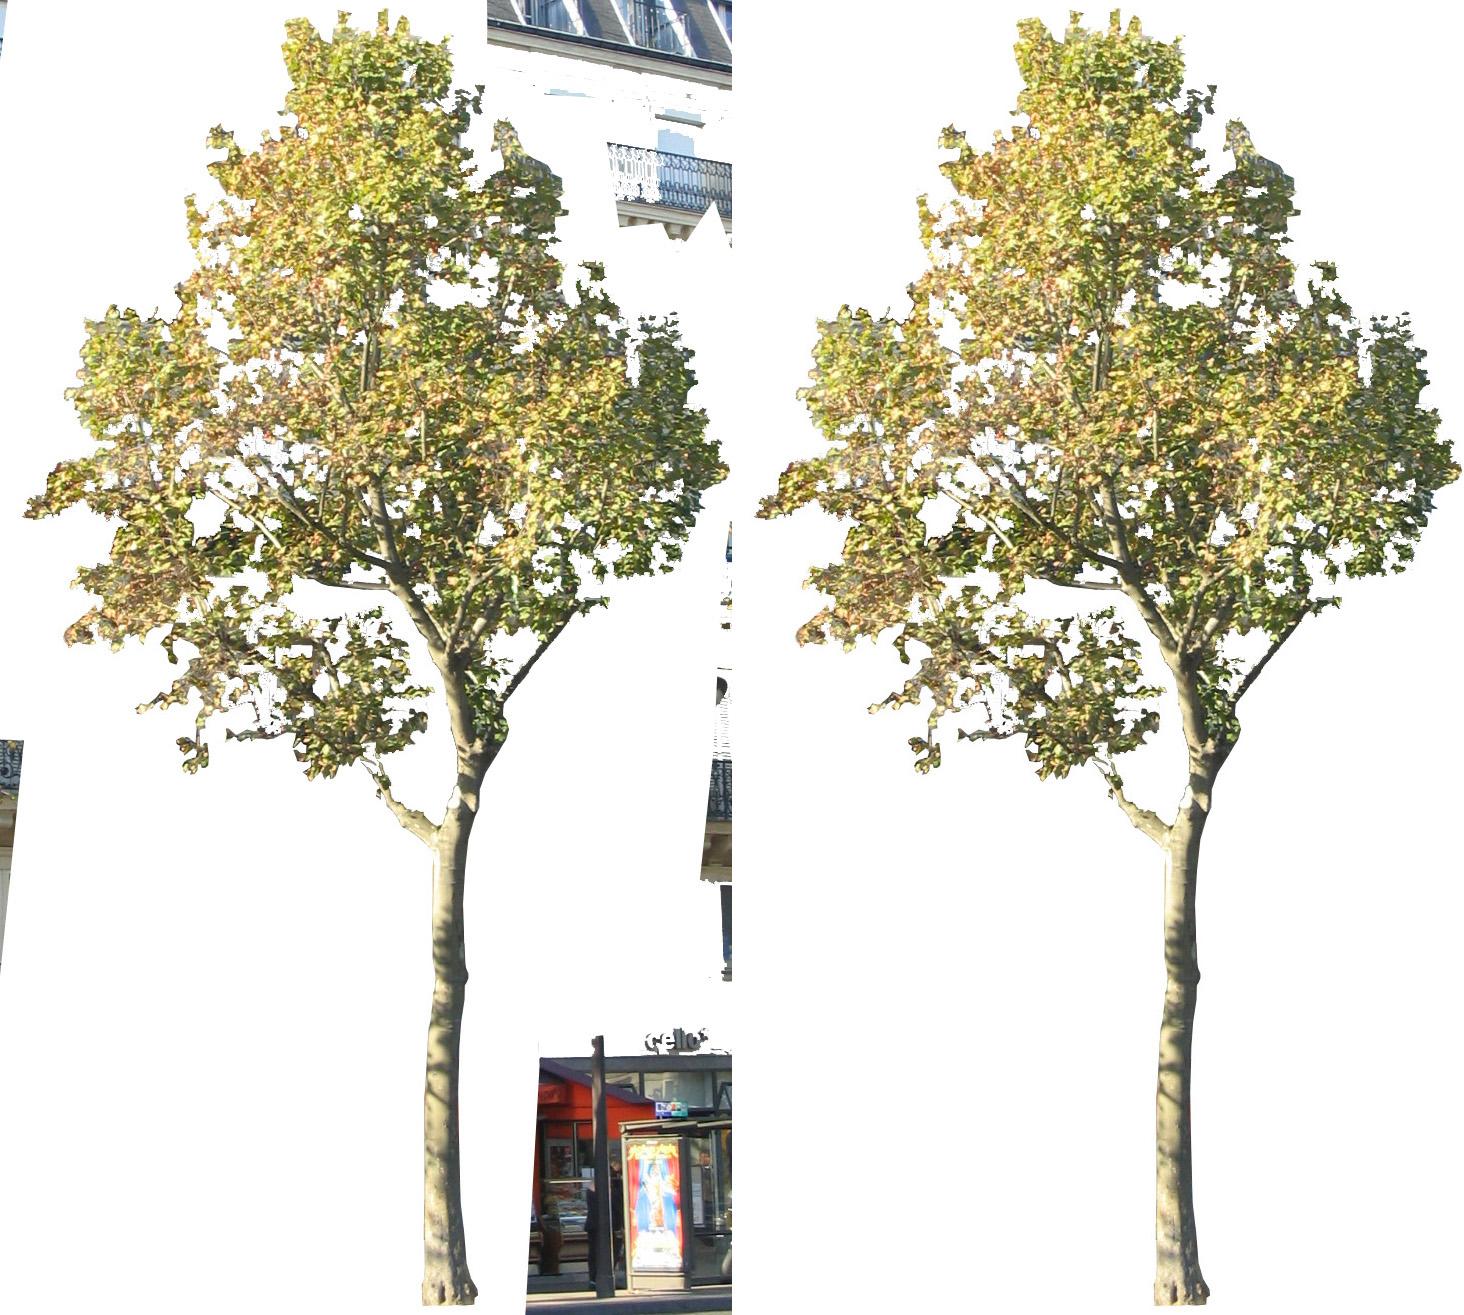 Oculus et manus plante un arbre for Plante un arbre